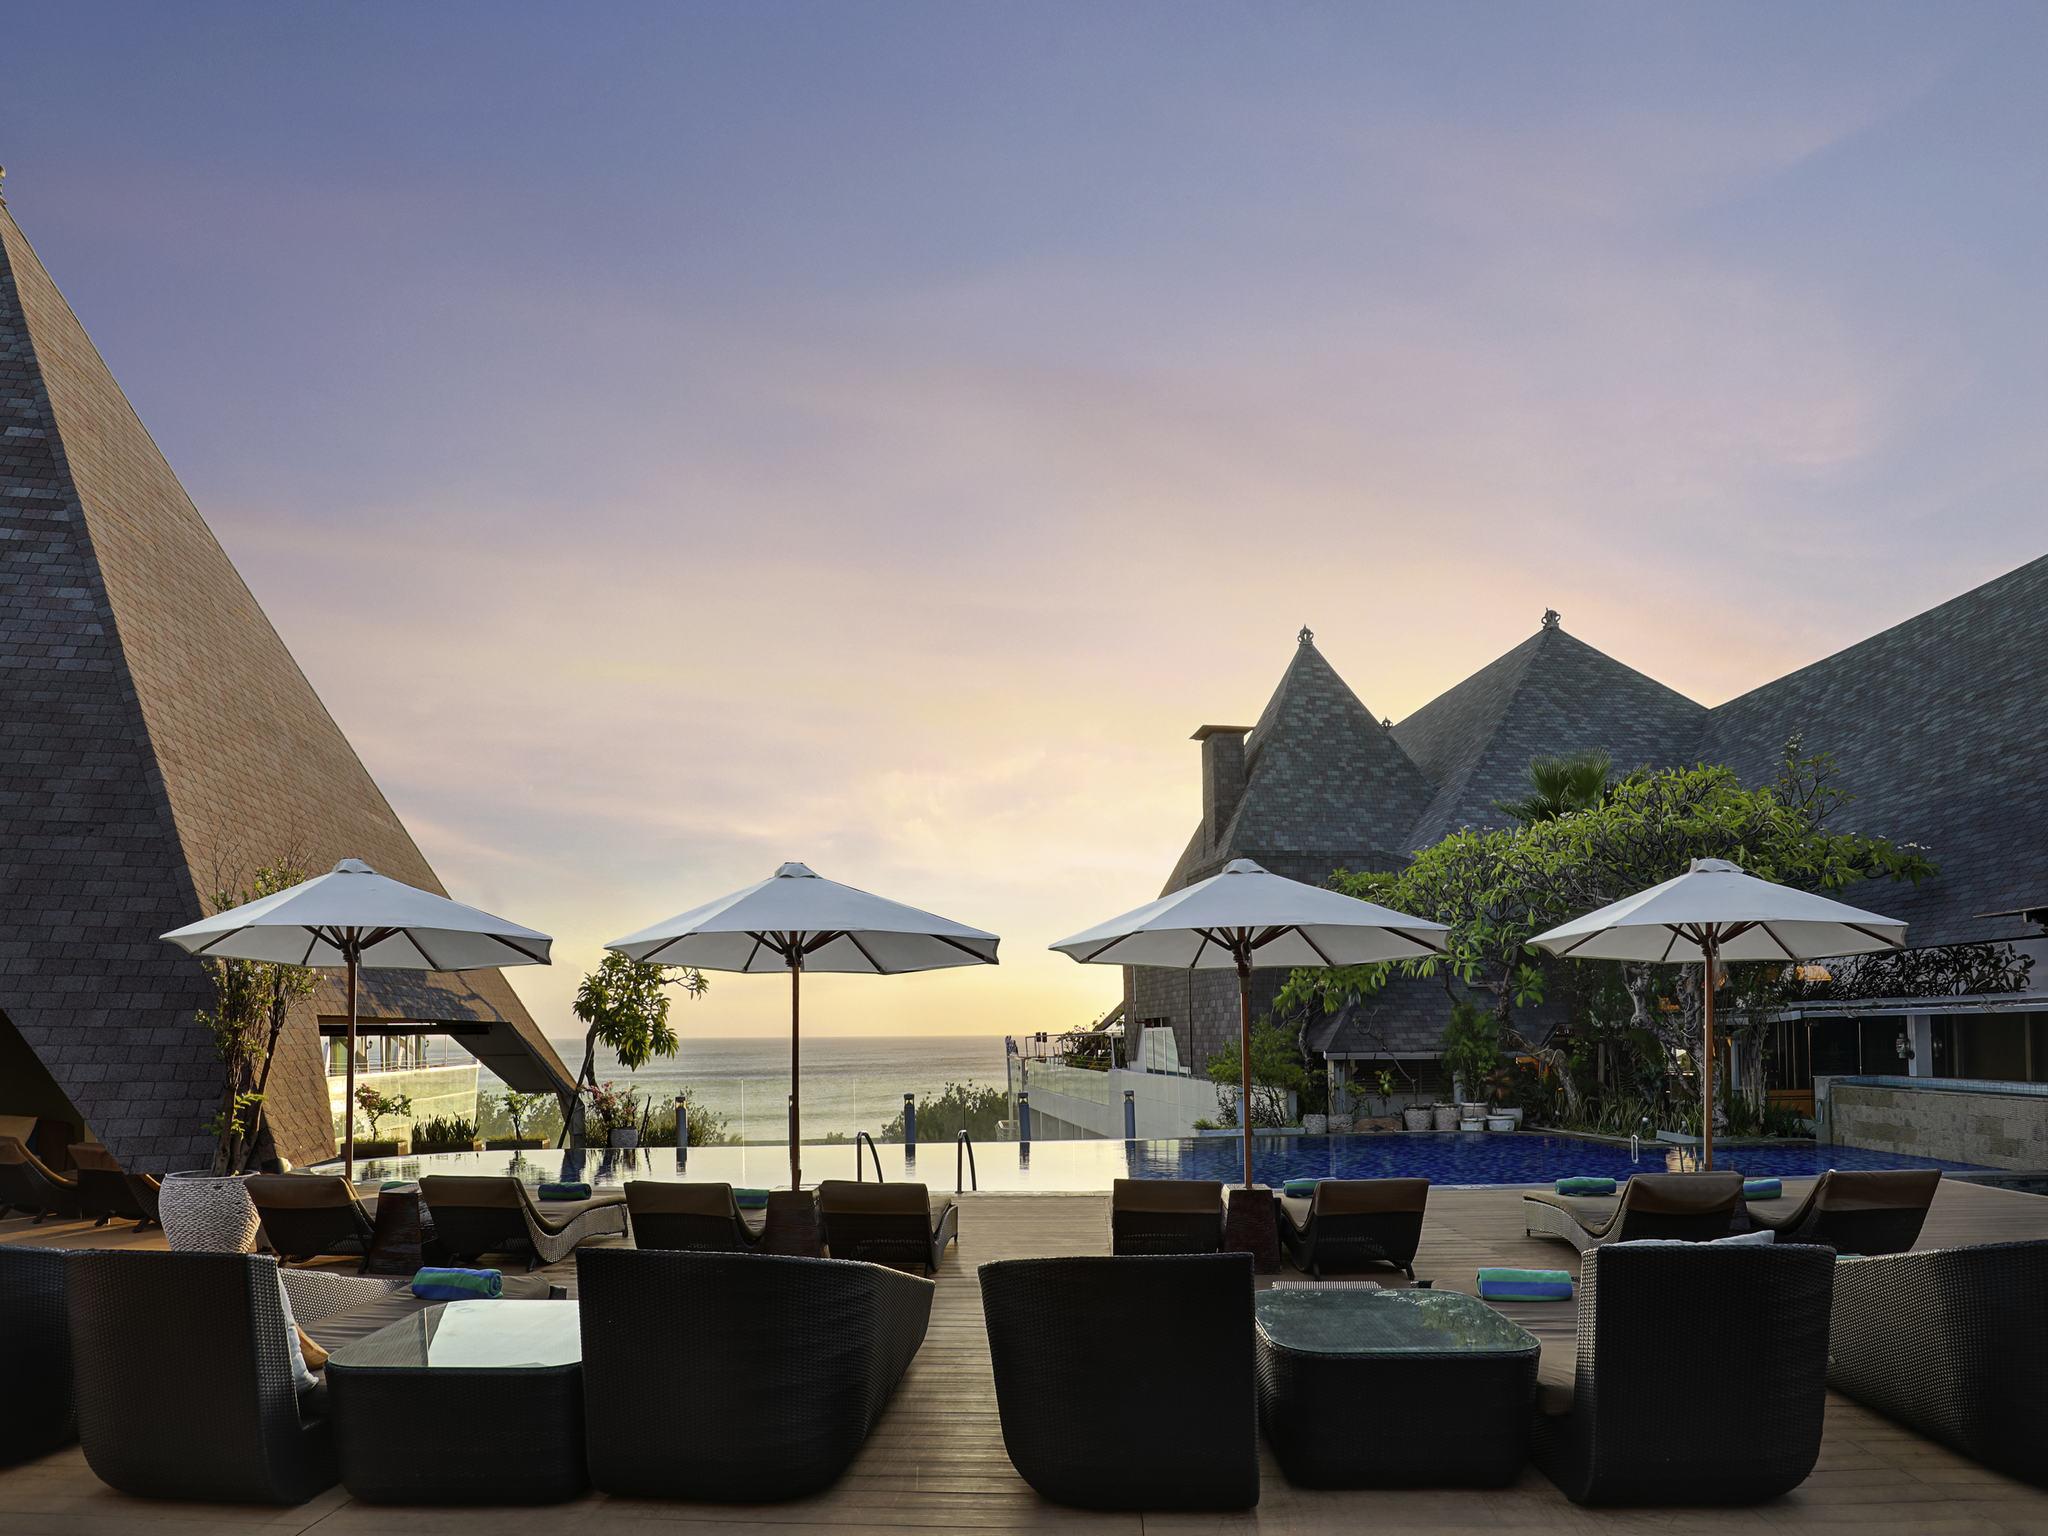 Full Size of Kuta Bali Hotel Beach Heritage Accorhotels Bett Kaufen Günstig Outdoor Küche 160x200 Mit Lattenrost Und Matratze Even Better Clinique Betten 140x200 Bopita Wohnzimmer Bali Bett Outdoor